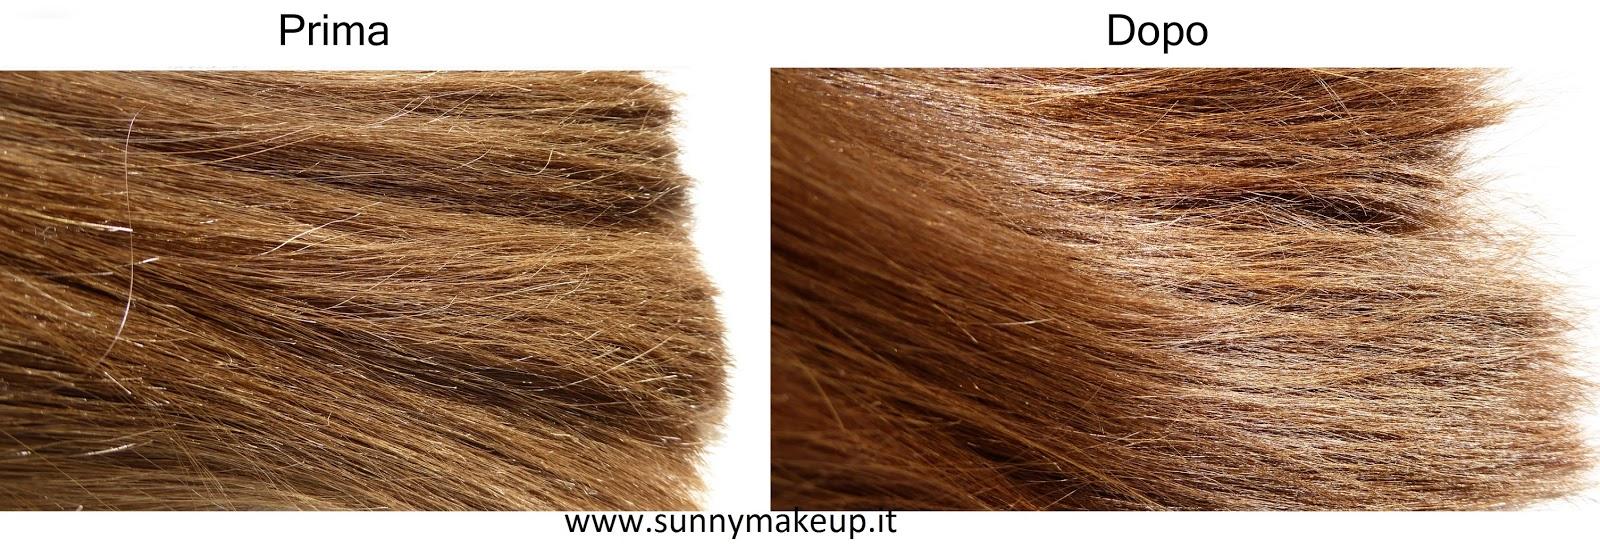 L'Oreal Paris - Casting Crème Gloss Colorazione per capelli. 600 Biondo Scuro.  Foto-applicazione prima e dopo.